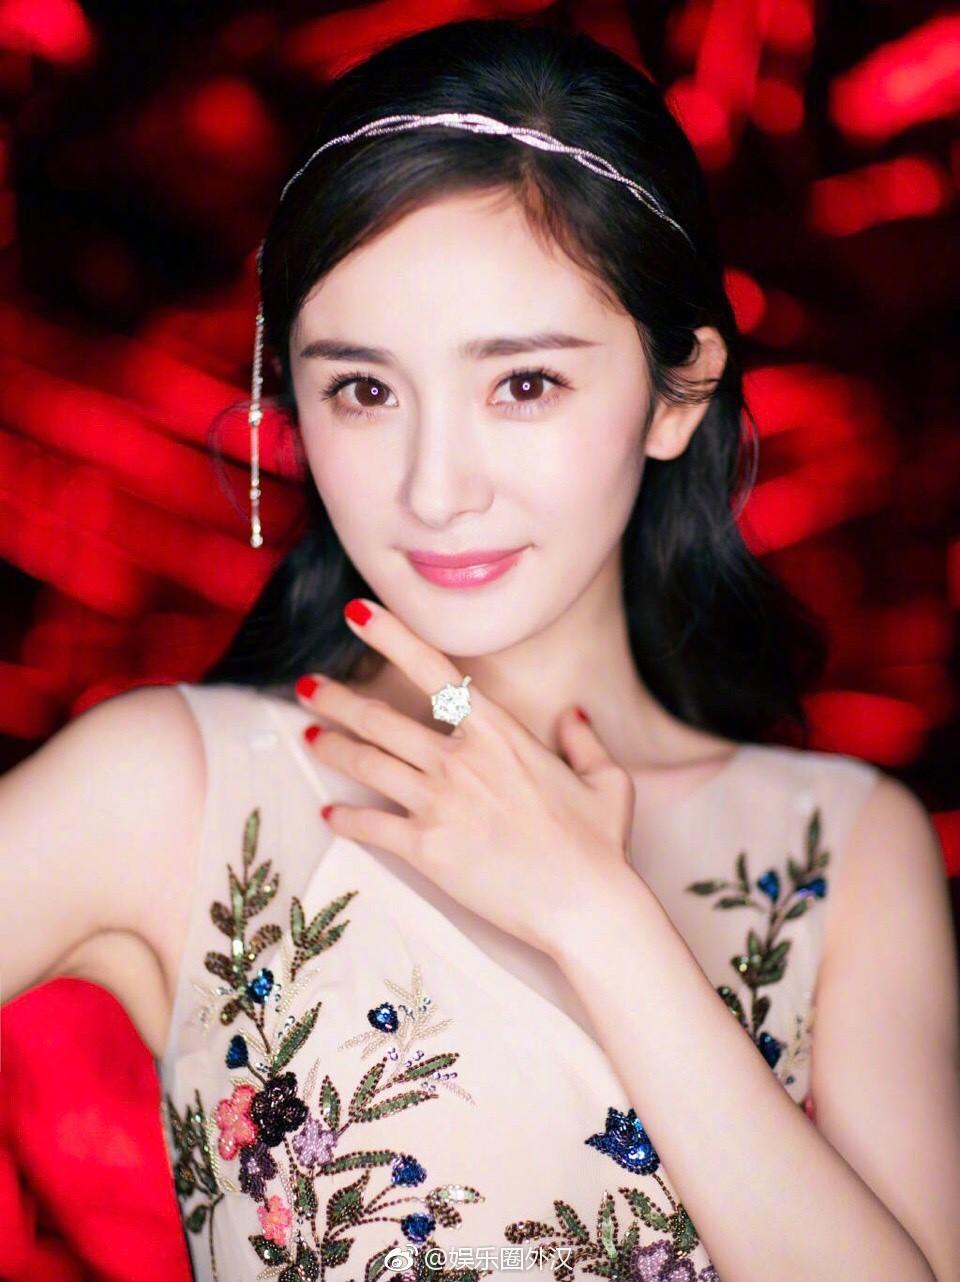 Thảm đỏ Marie Claire: Đường Yên chiếm sóng với chiếc váy đẹp xuất sắc, Lưu Diệc Phi kém sang hơn hẳn Dương Mịch - Angela Baby - Ảnh 1.